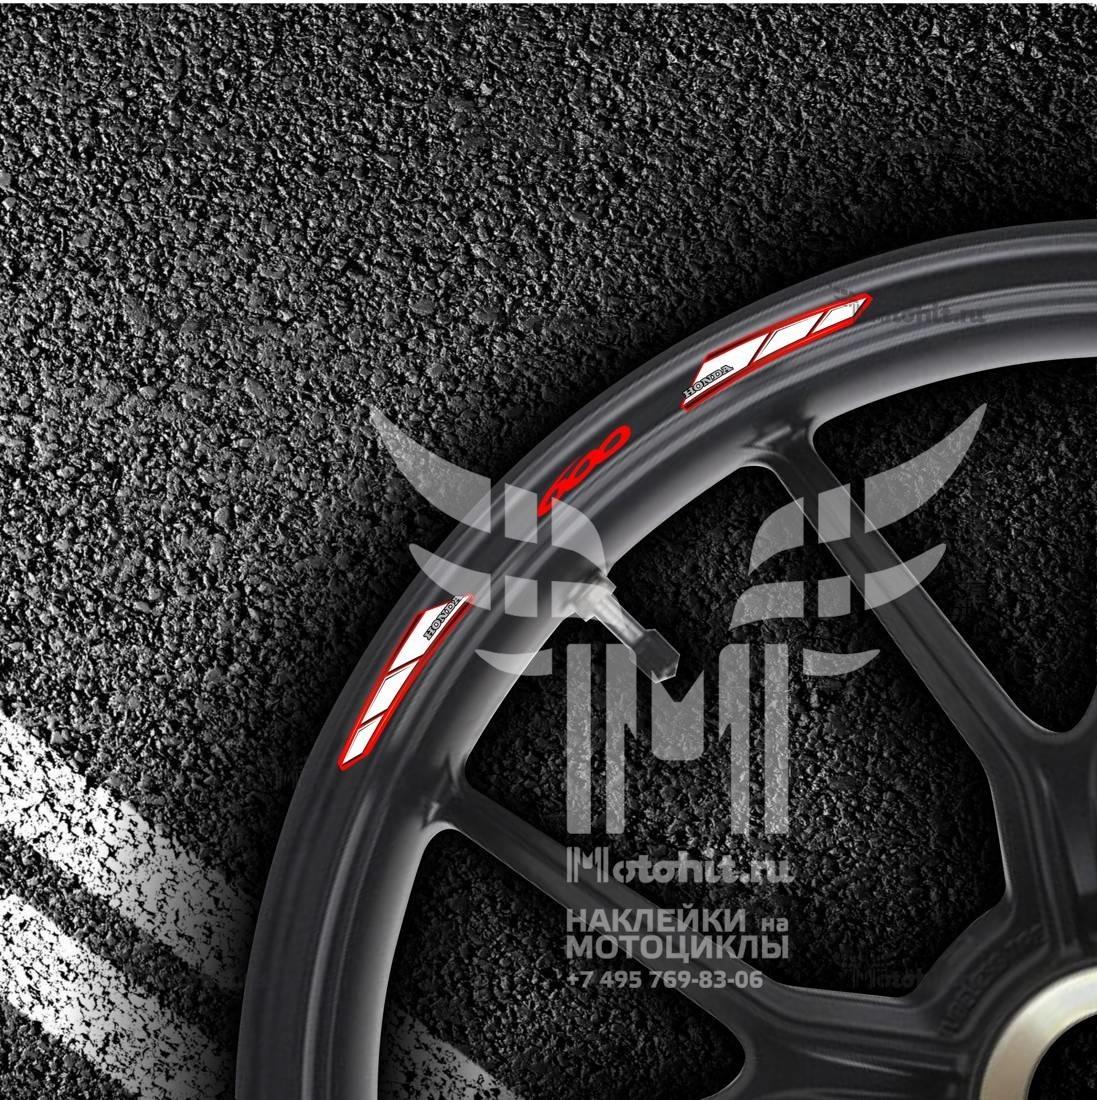 Комплект наклеек на обод колеса мотоцикла HONDA 600